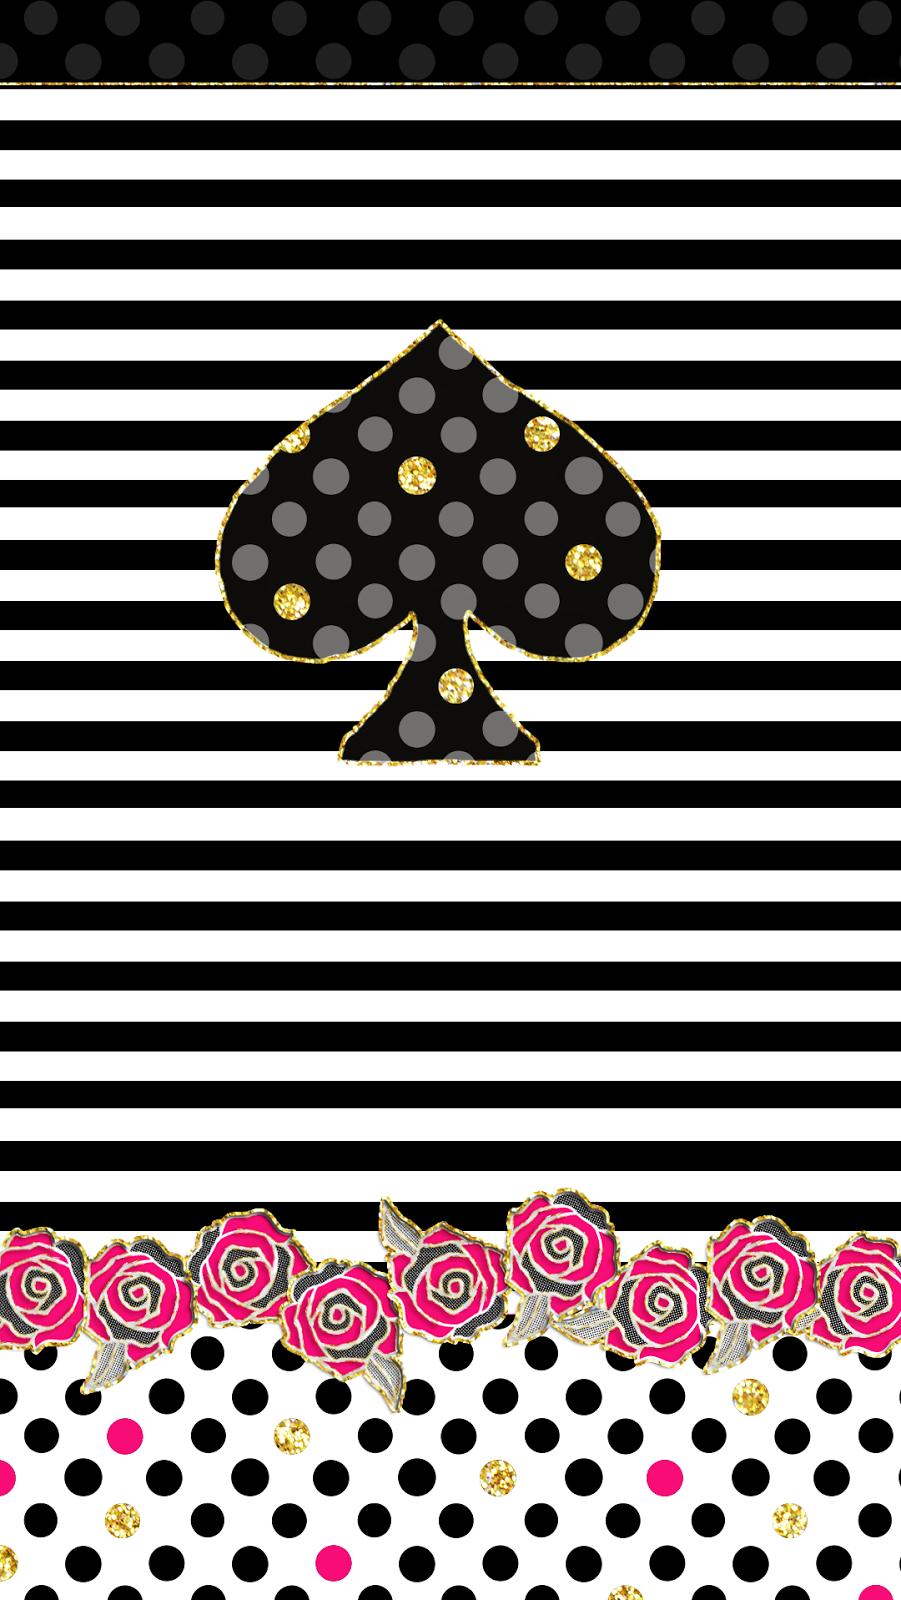 HK-wallpaper-wp5605528